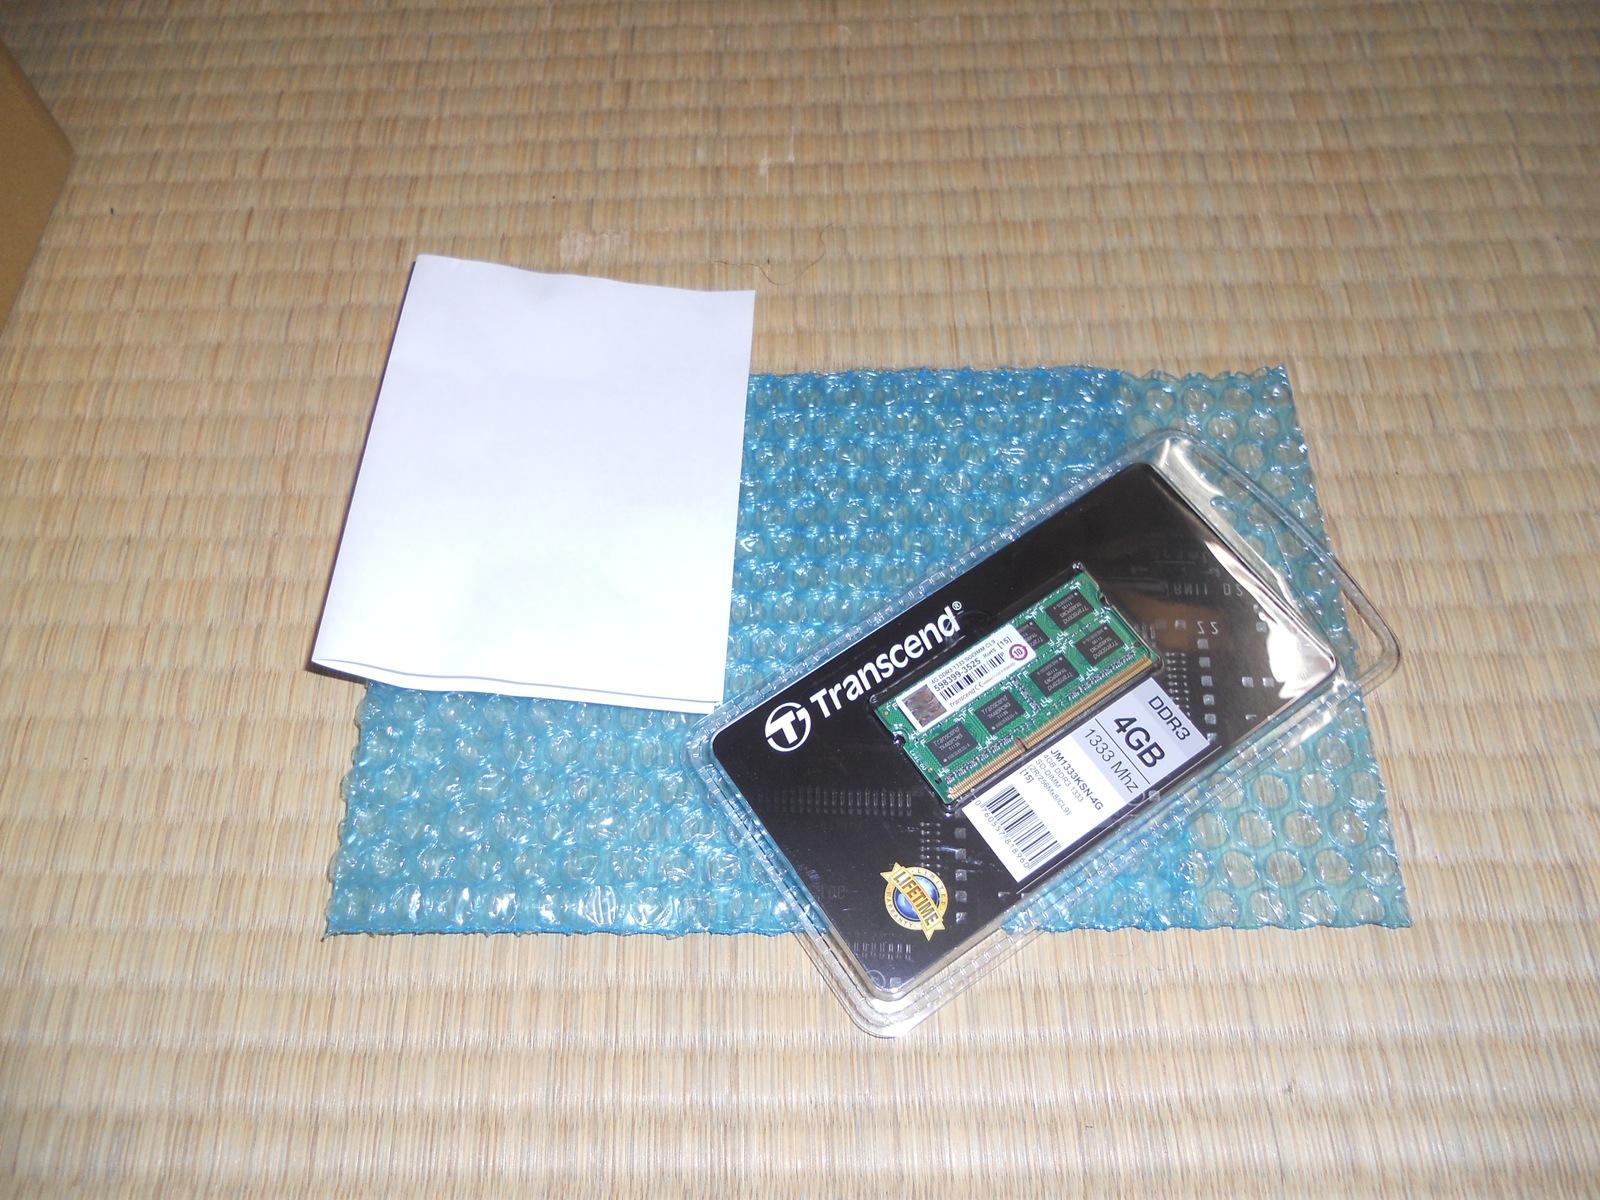 ノートPC用メモリとポータブルDVDドライブ:11.09.26